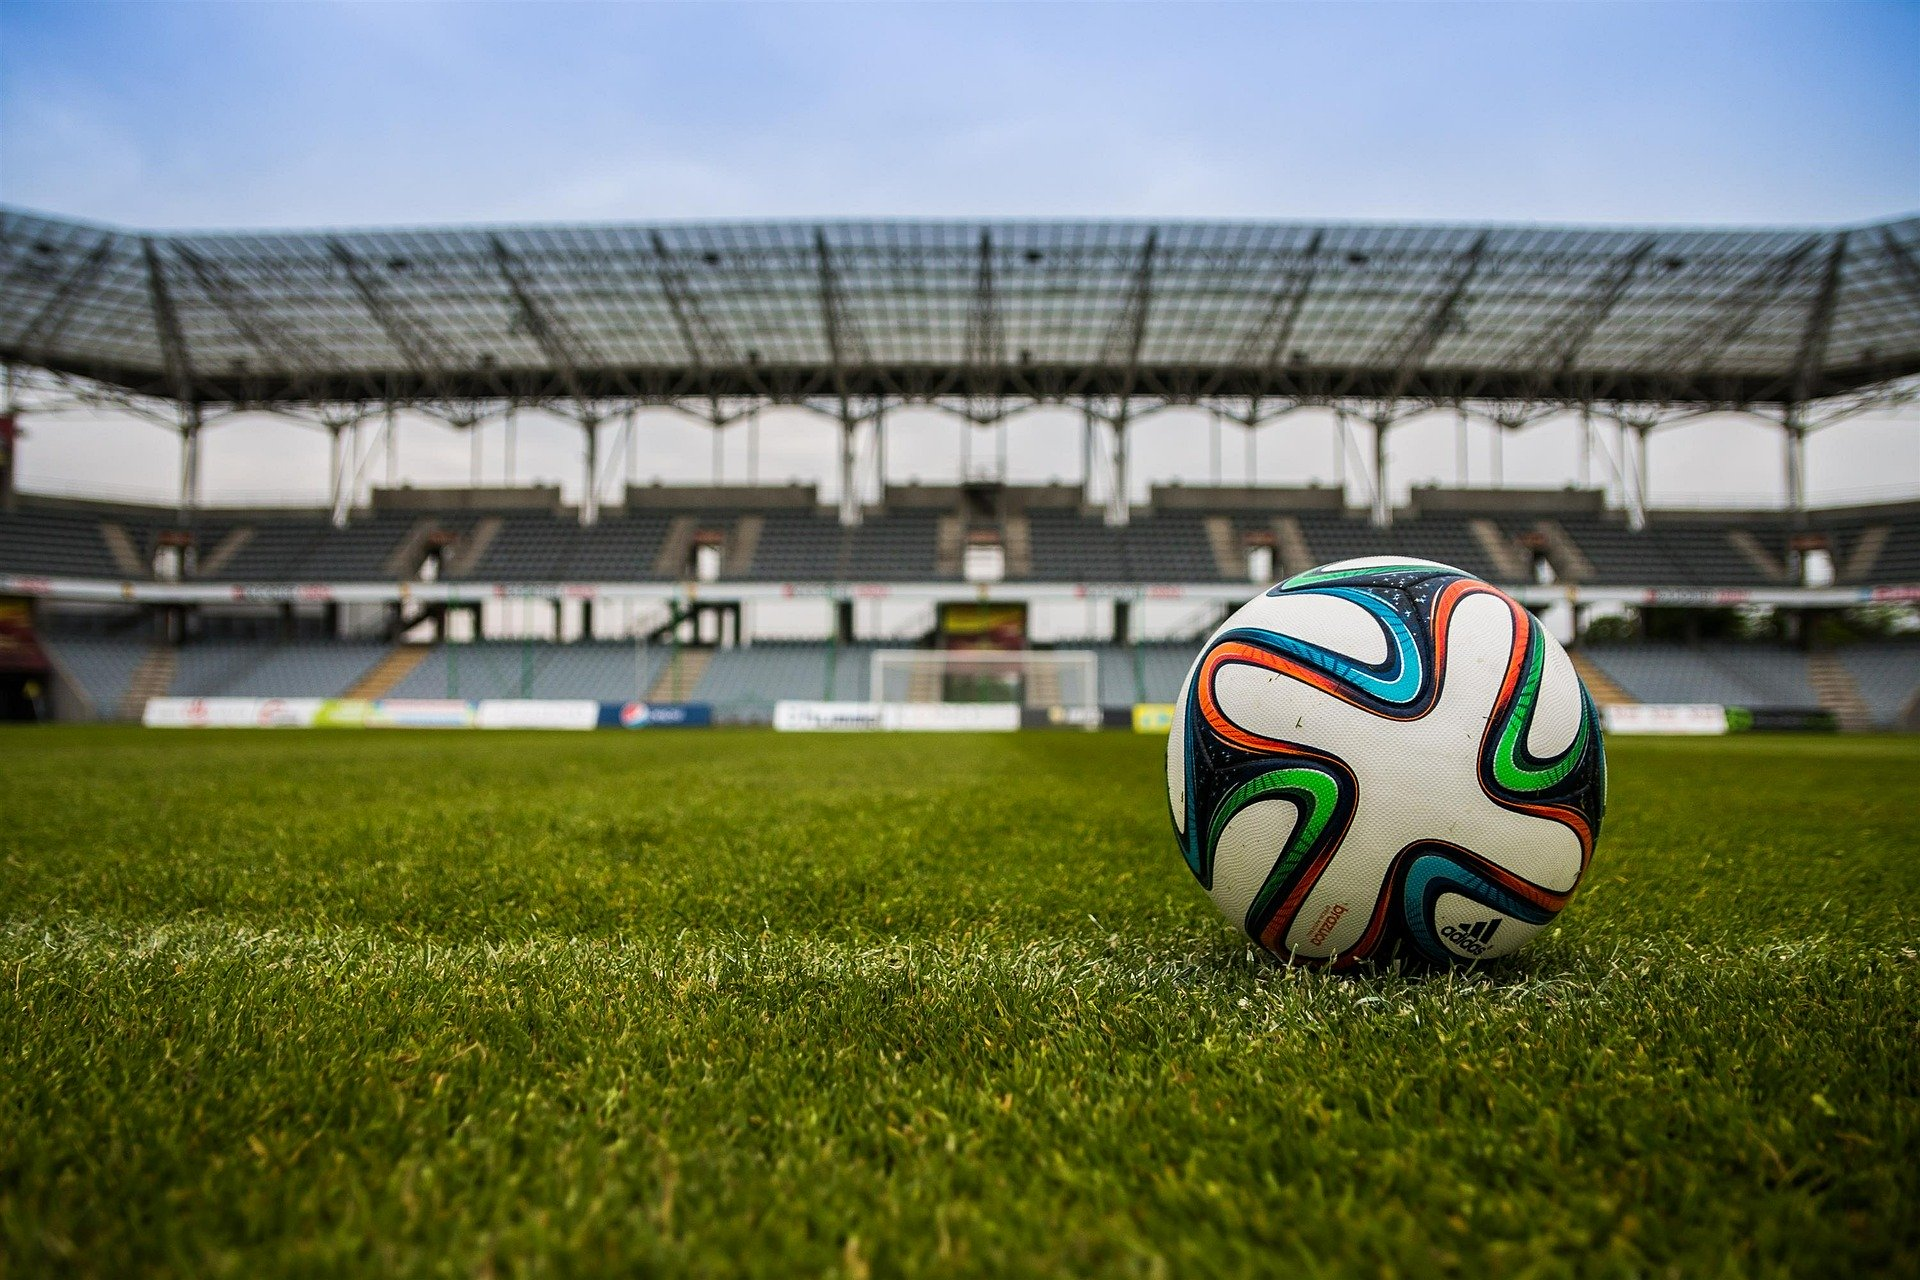 Kommentar zur Bundesliga Wiederaufnahme mit Geisterspielen